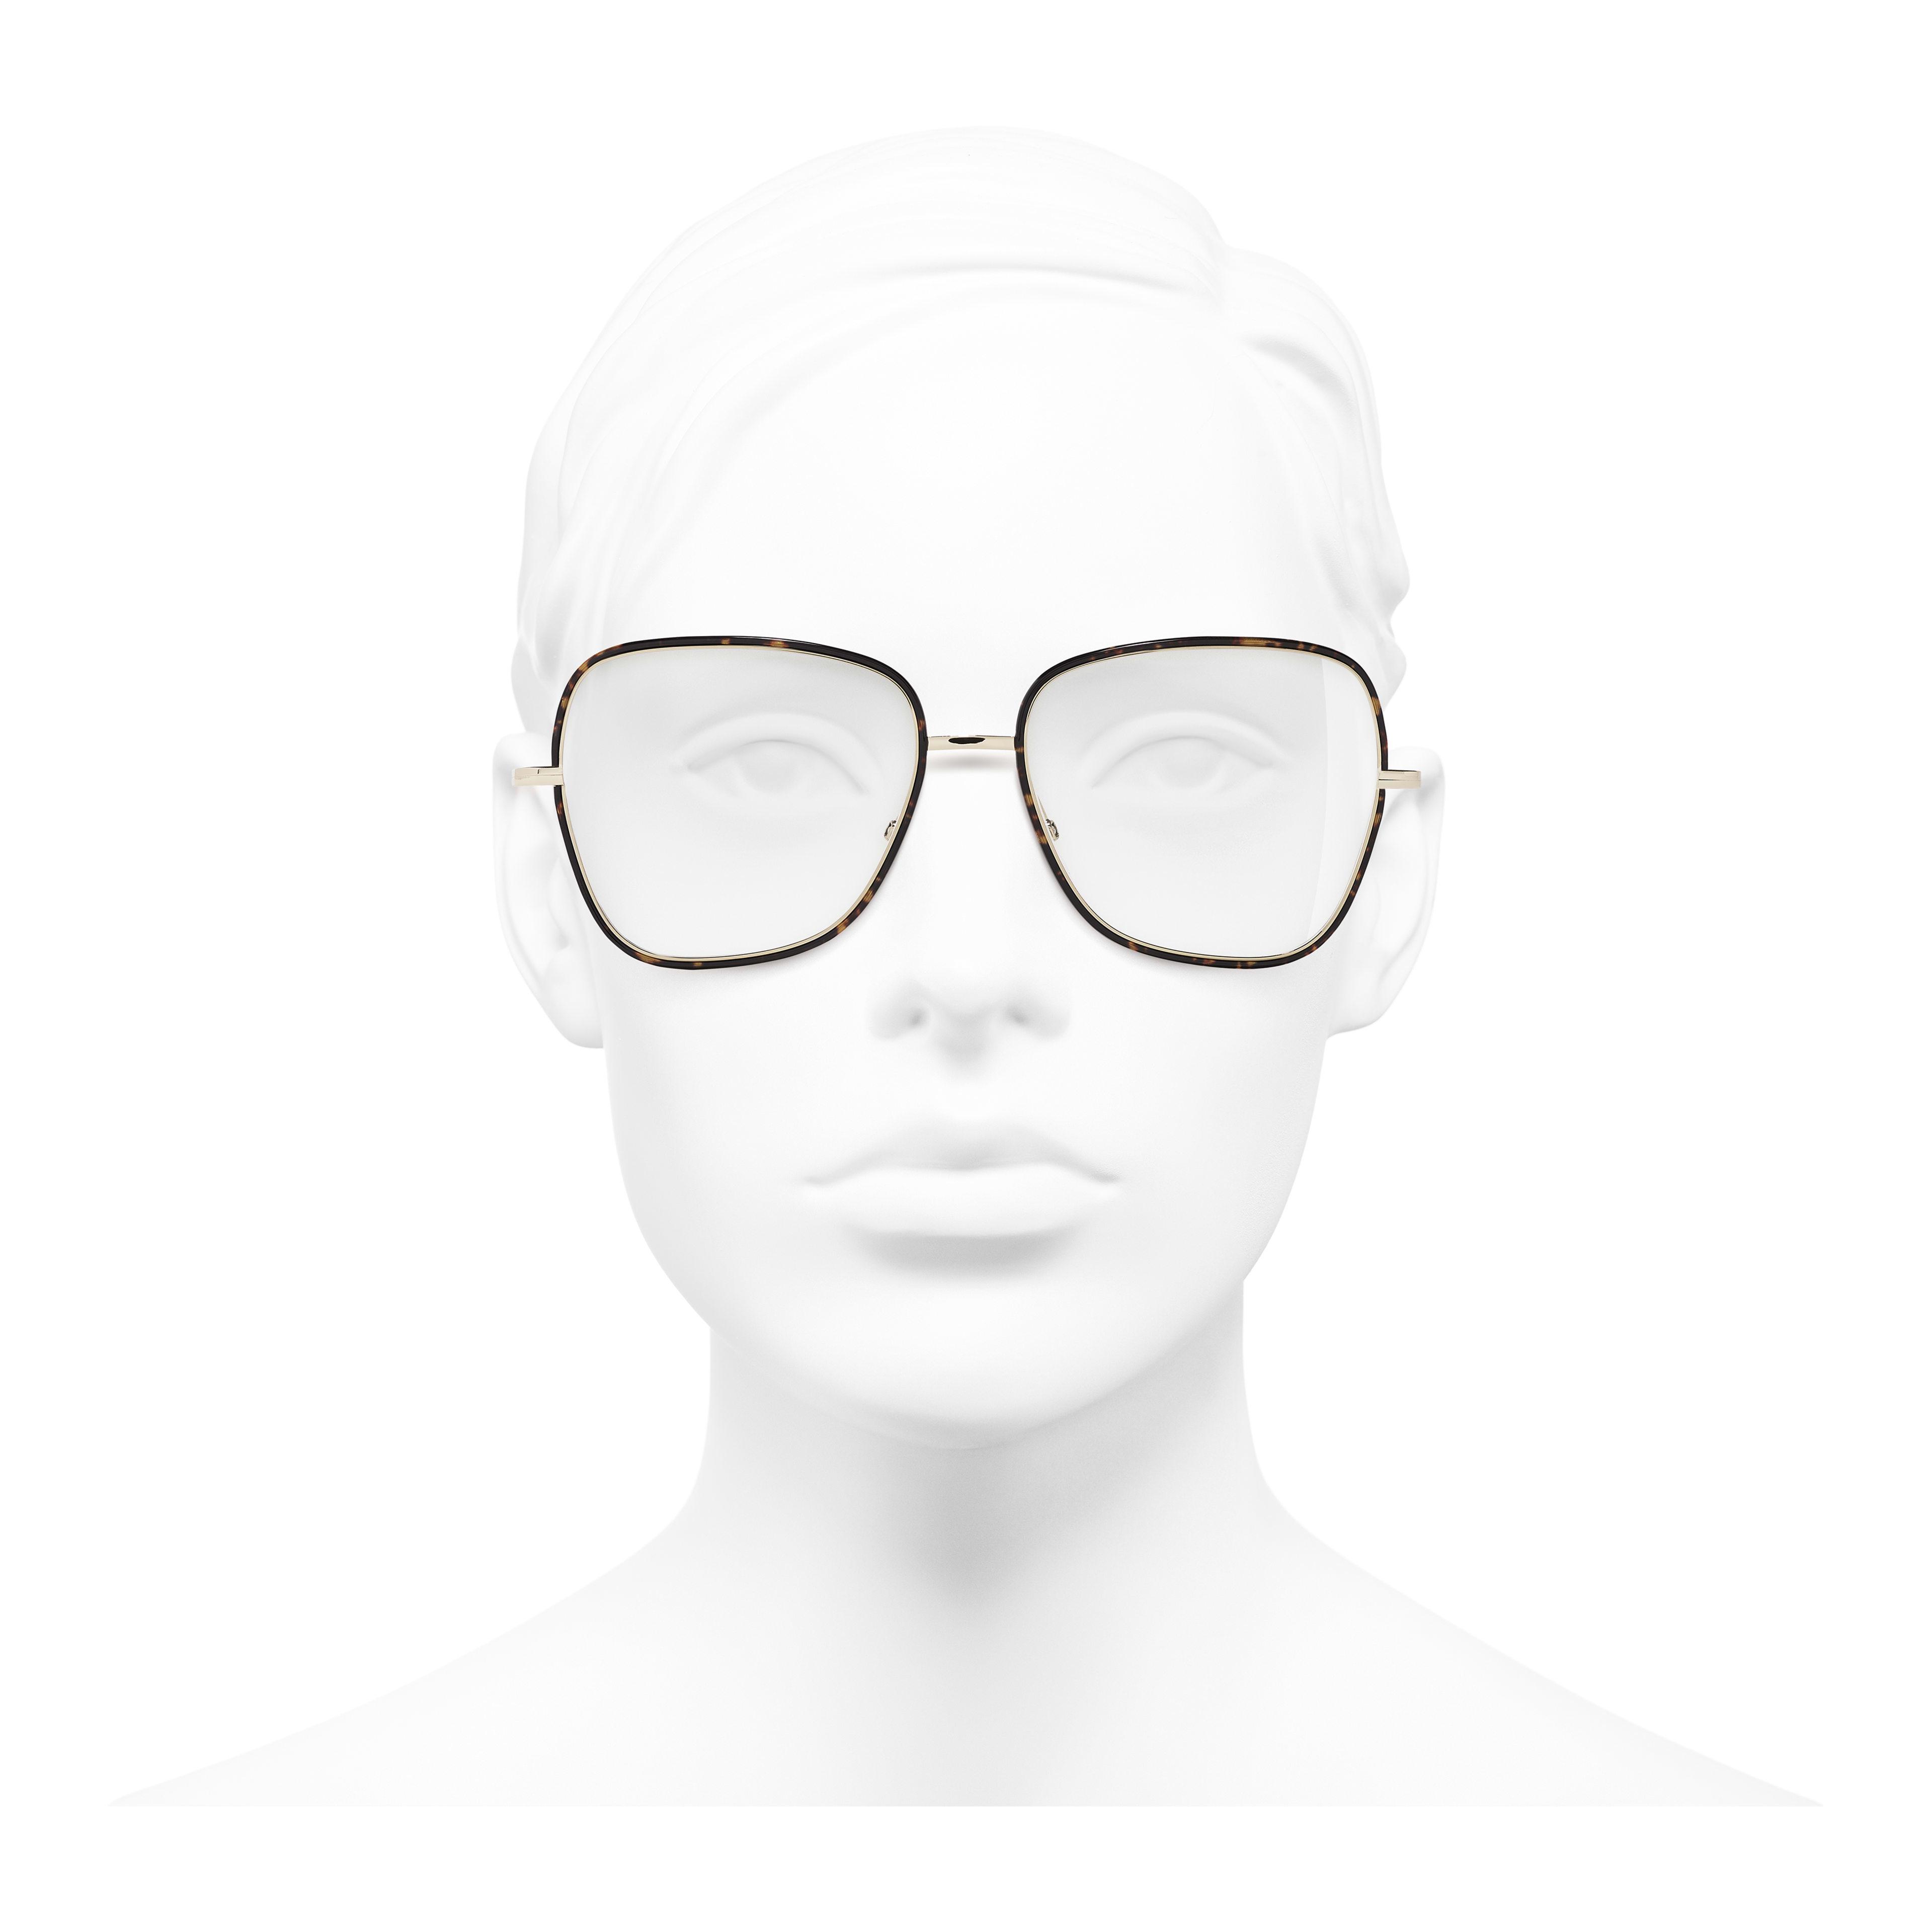 Очки для коррекции зрения квадратной формы - золотистый и коричневый - Металл - Вид анфас - посмотреть полноразмерное изображение